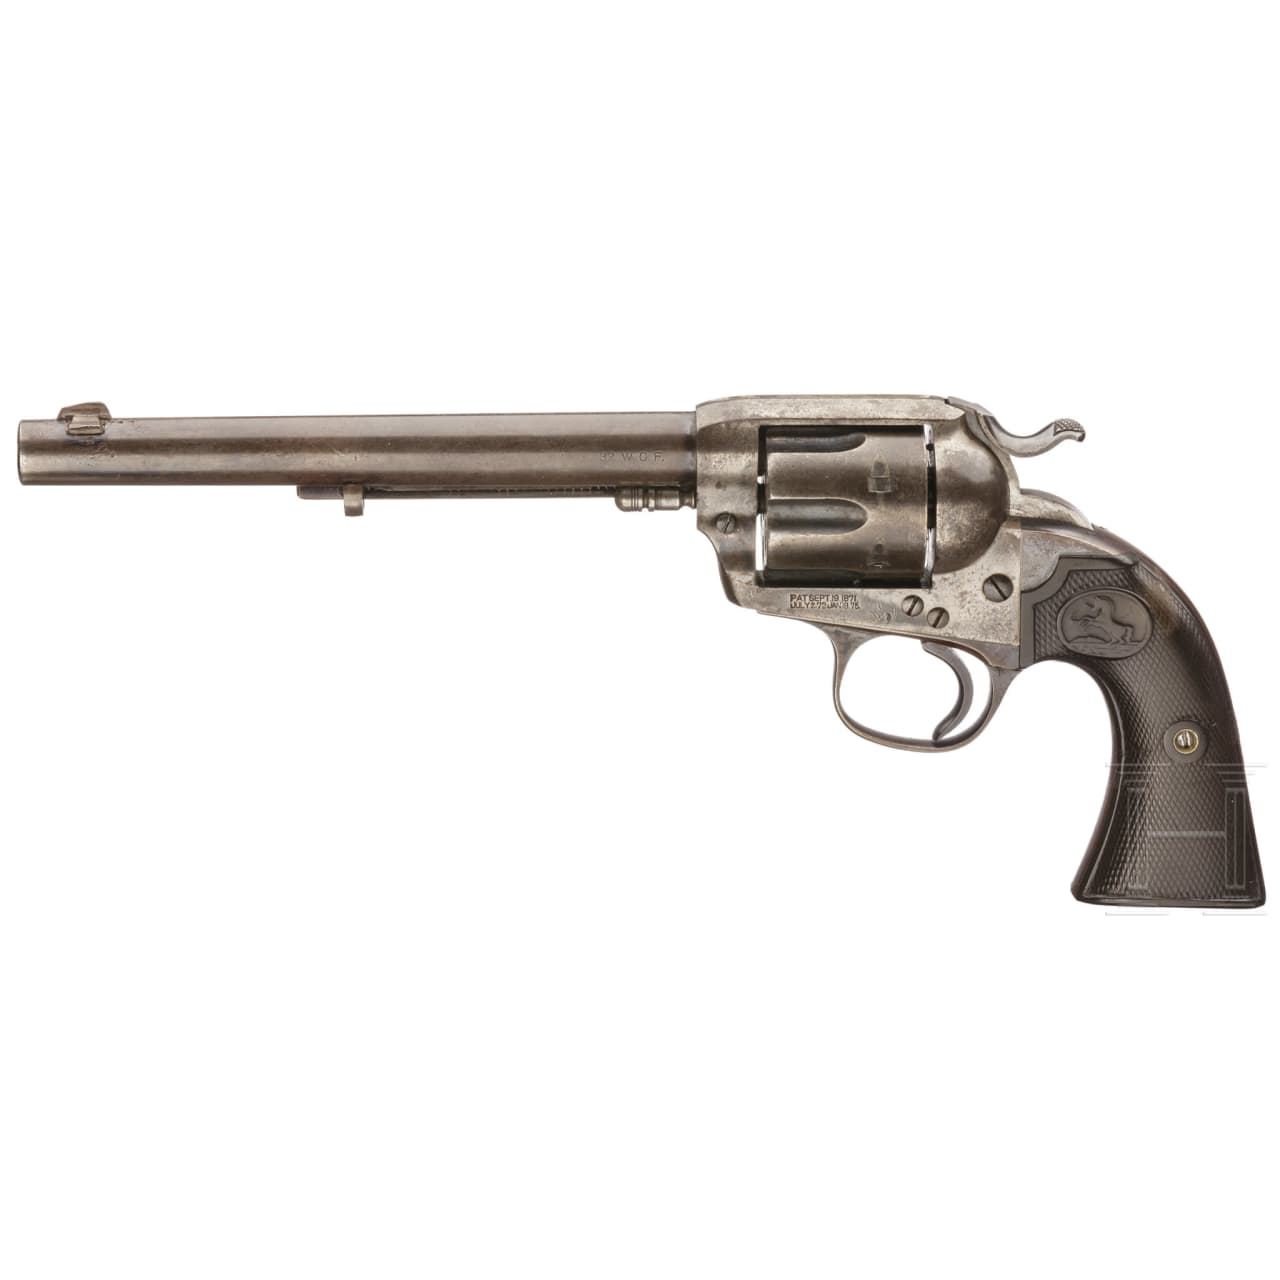 Colt SAA Bisley, 1907